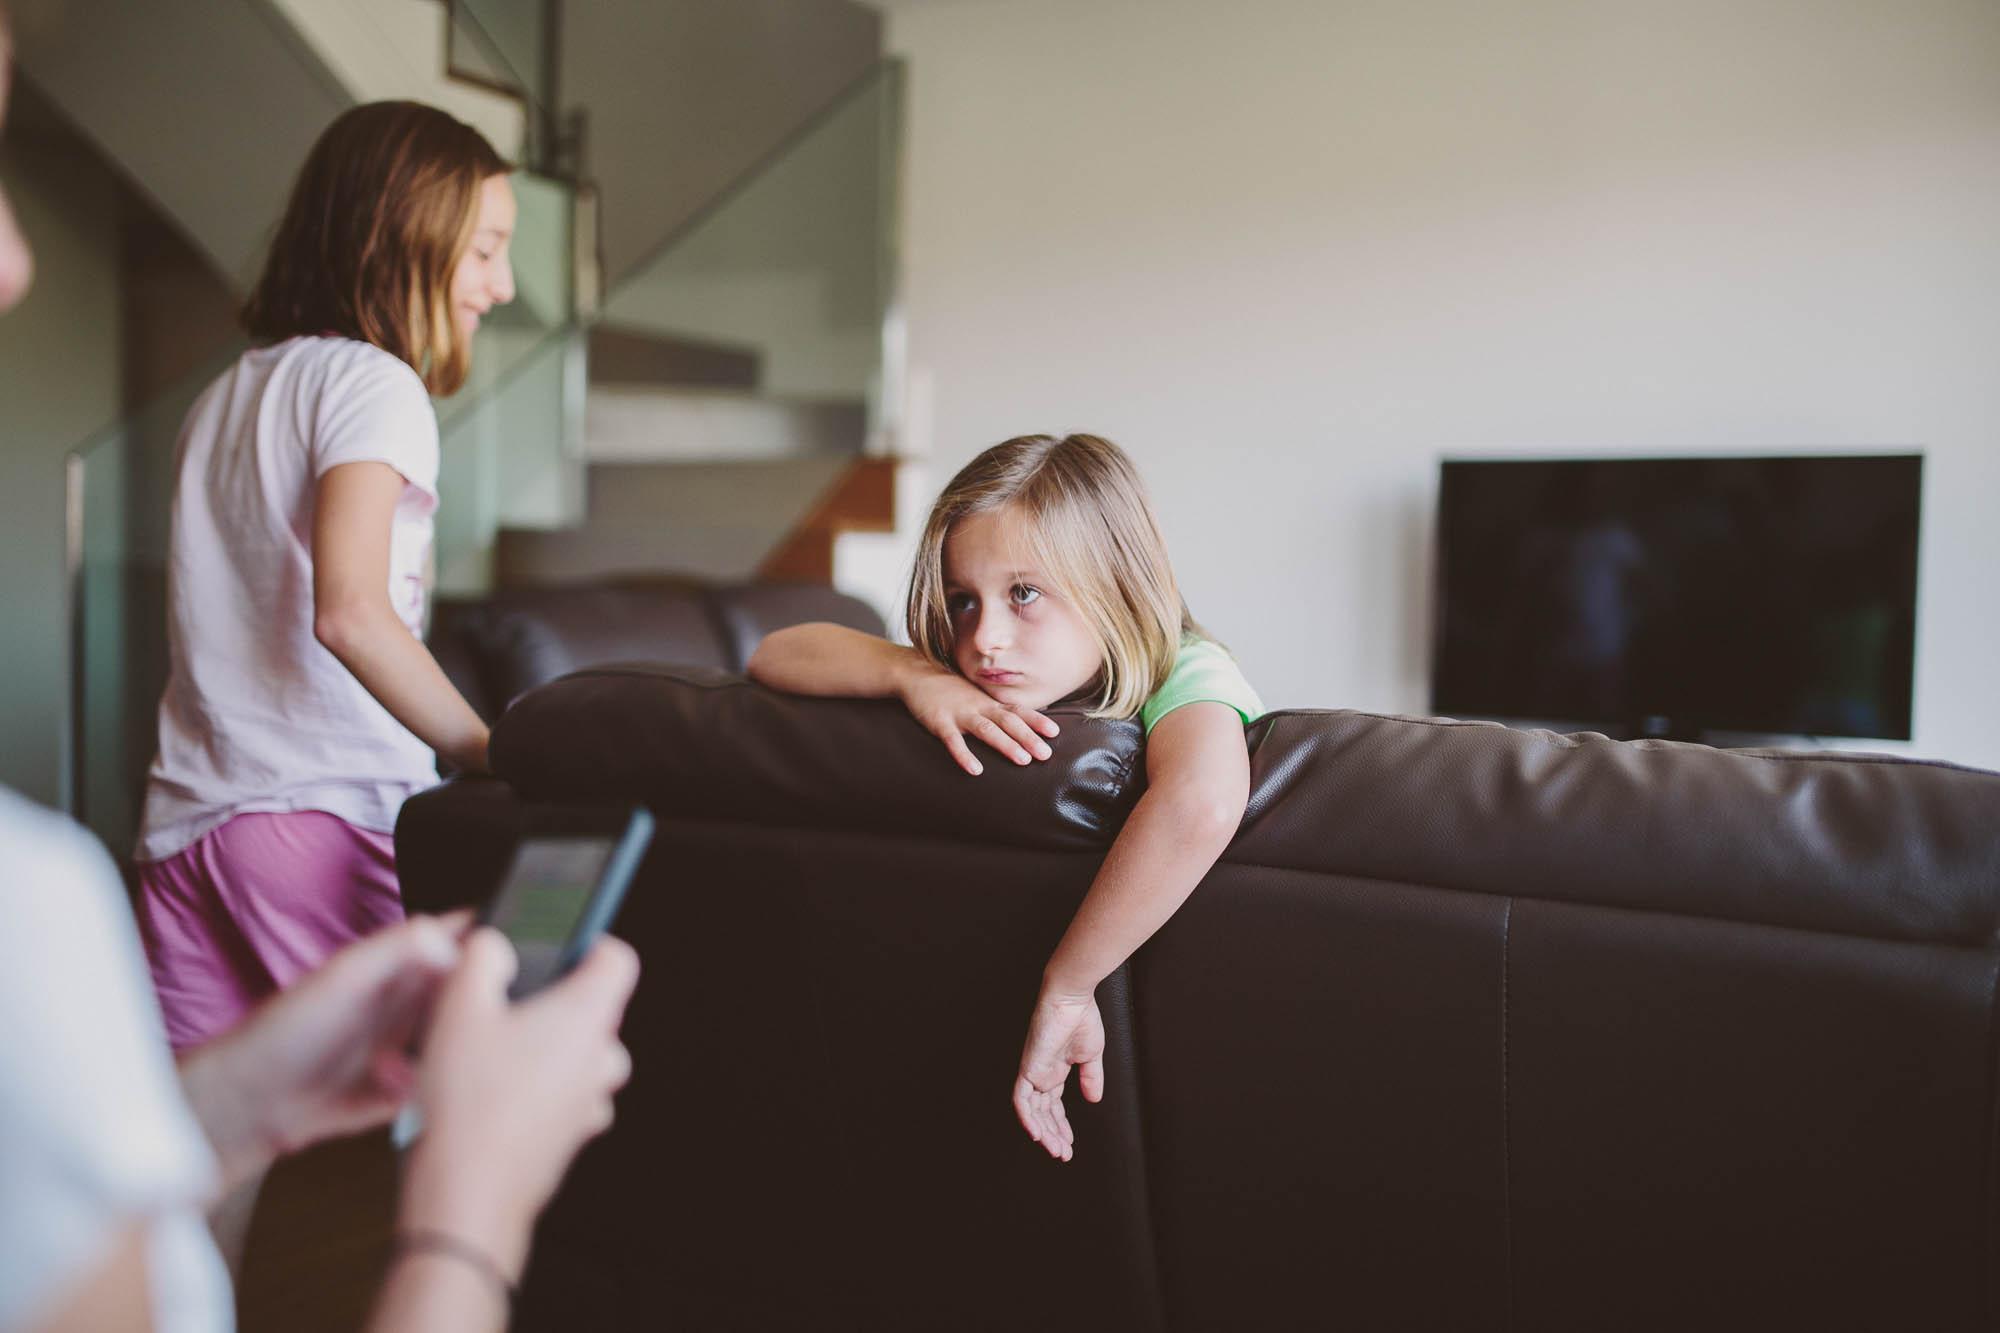 Una niña sentada en el sofá con gesto aburrido y la familia espera a la novia